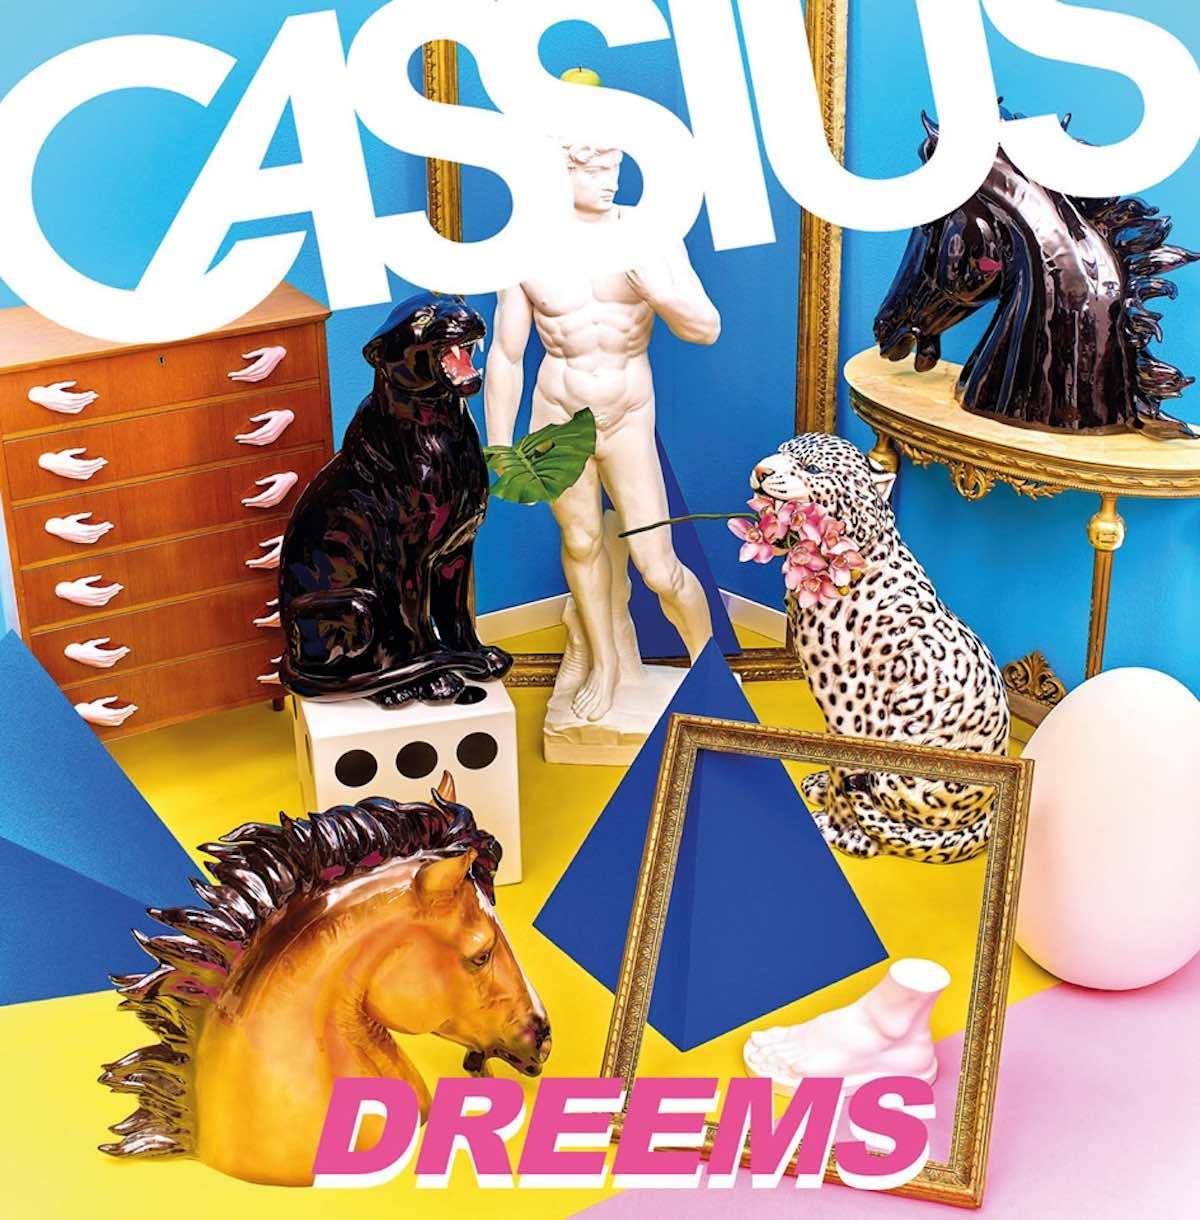 cassius-dreems cover